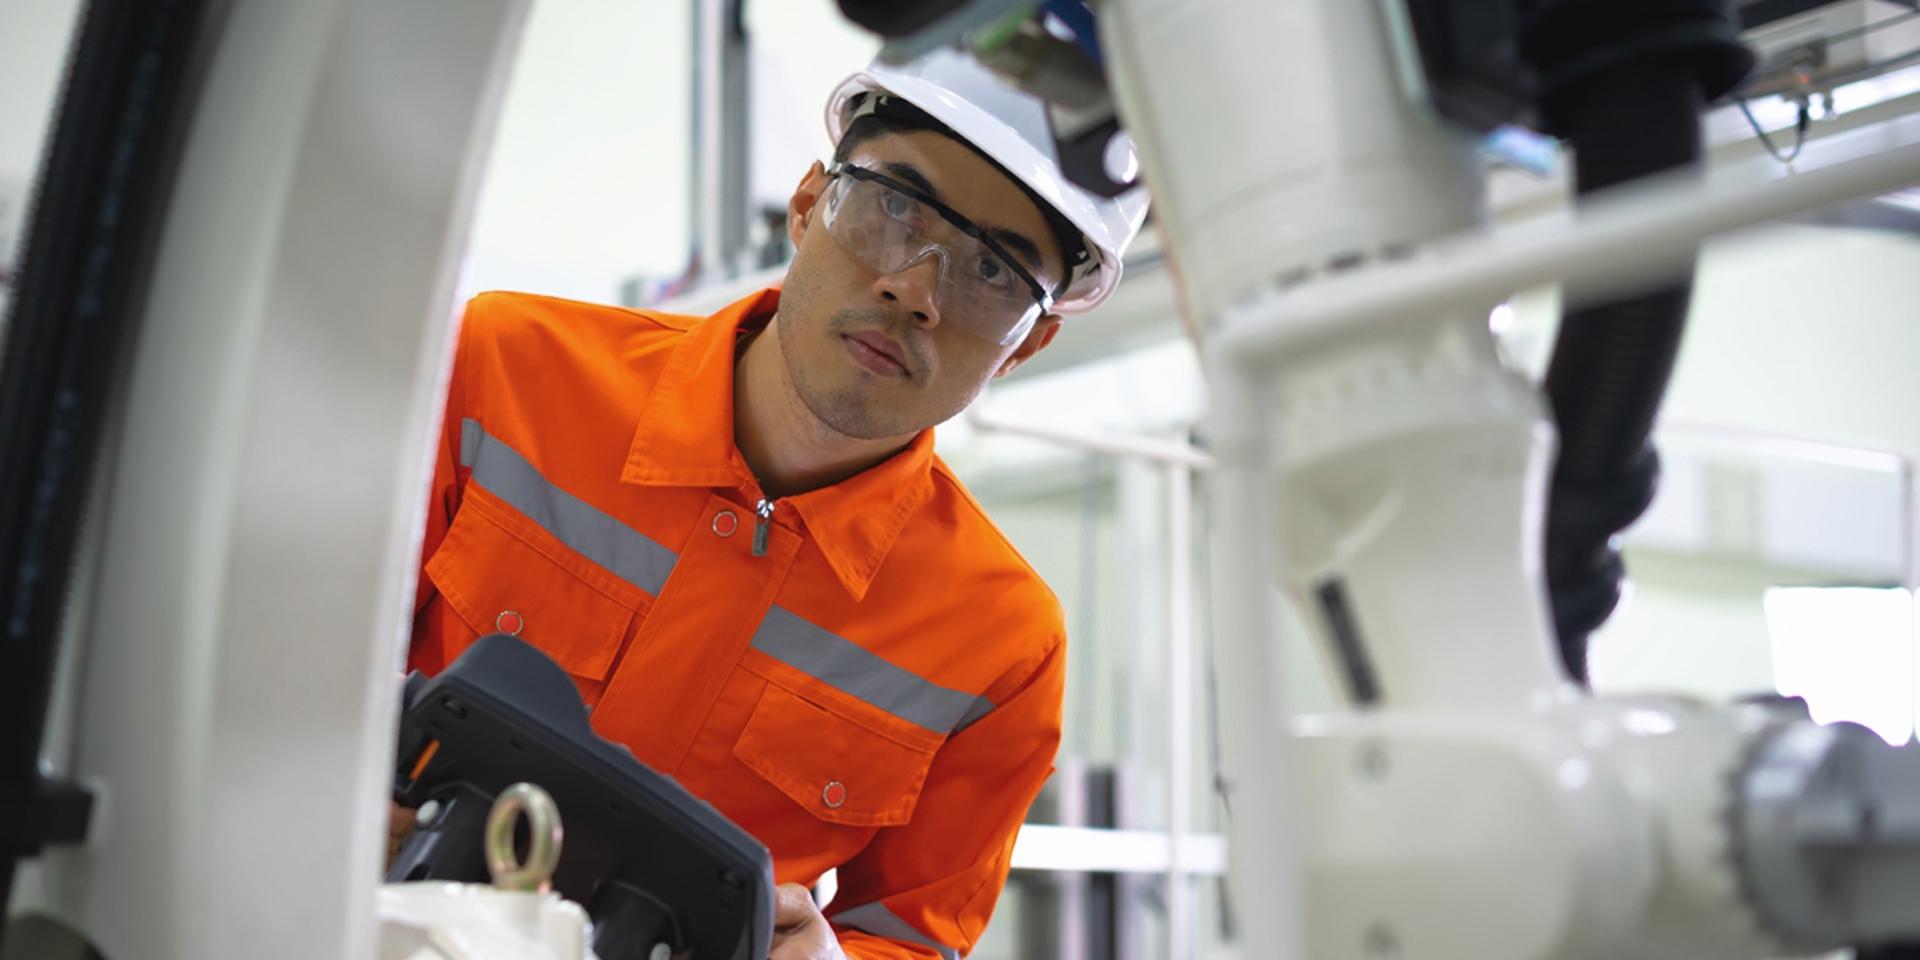 Personalvermittlung in Industrie